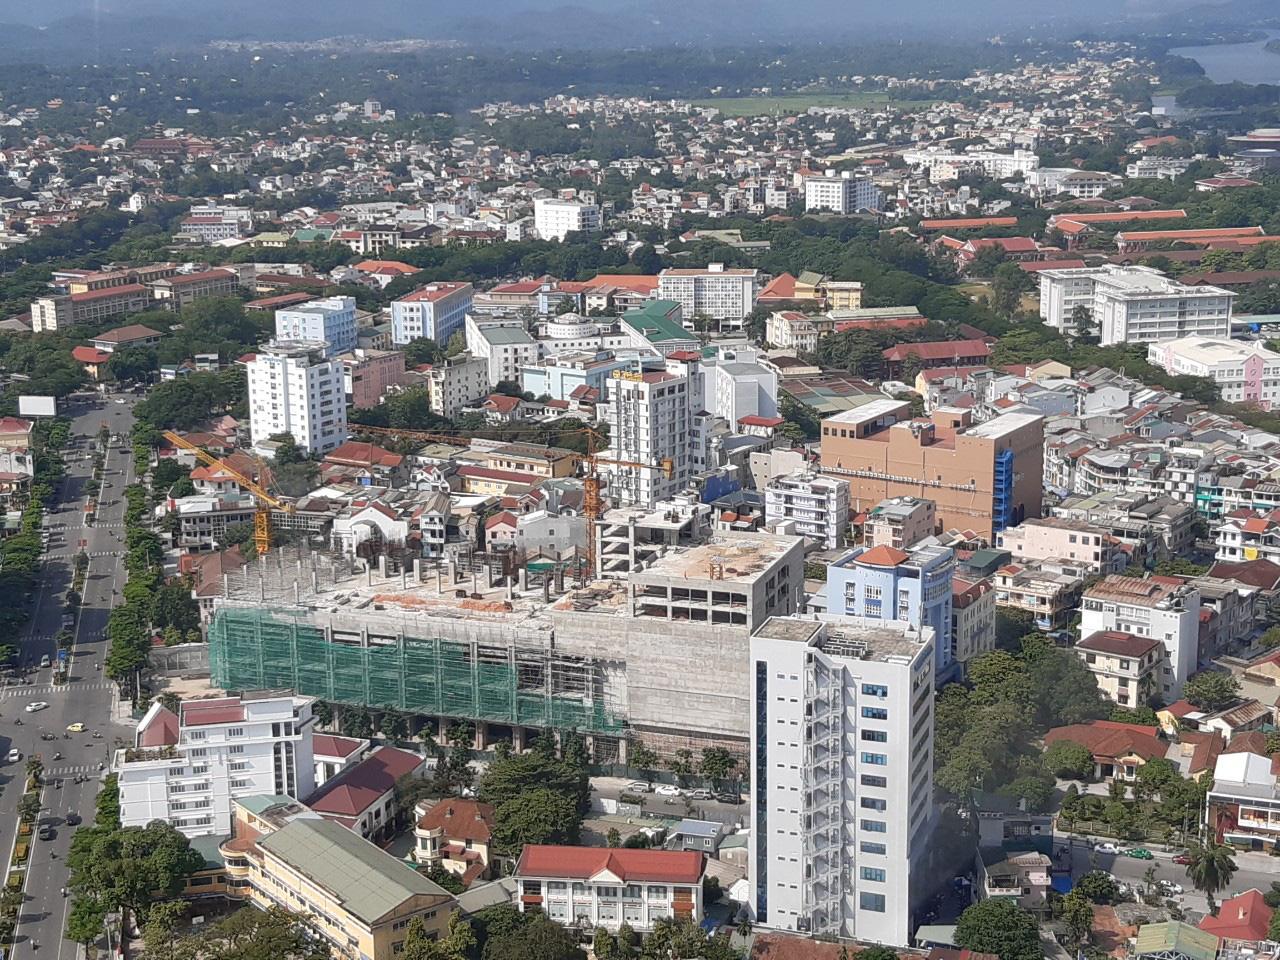 Qui hoạch đô thị Thừa Thiên Huế đến năm 2030 sẽ như thế nào? - Ảnh 1.